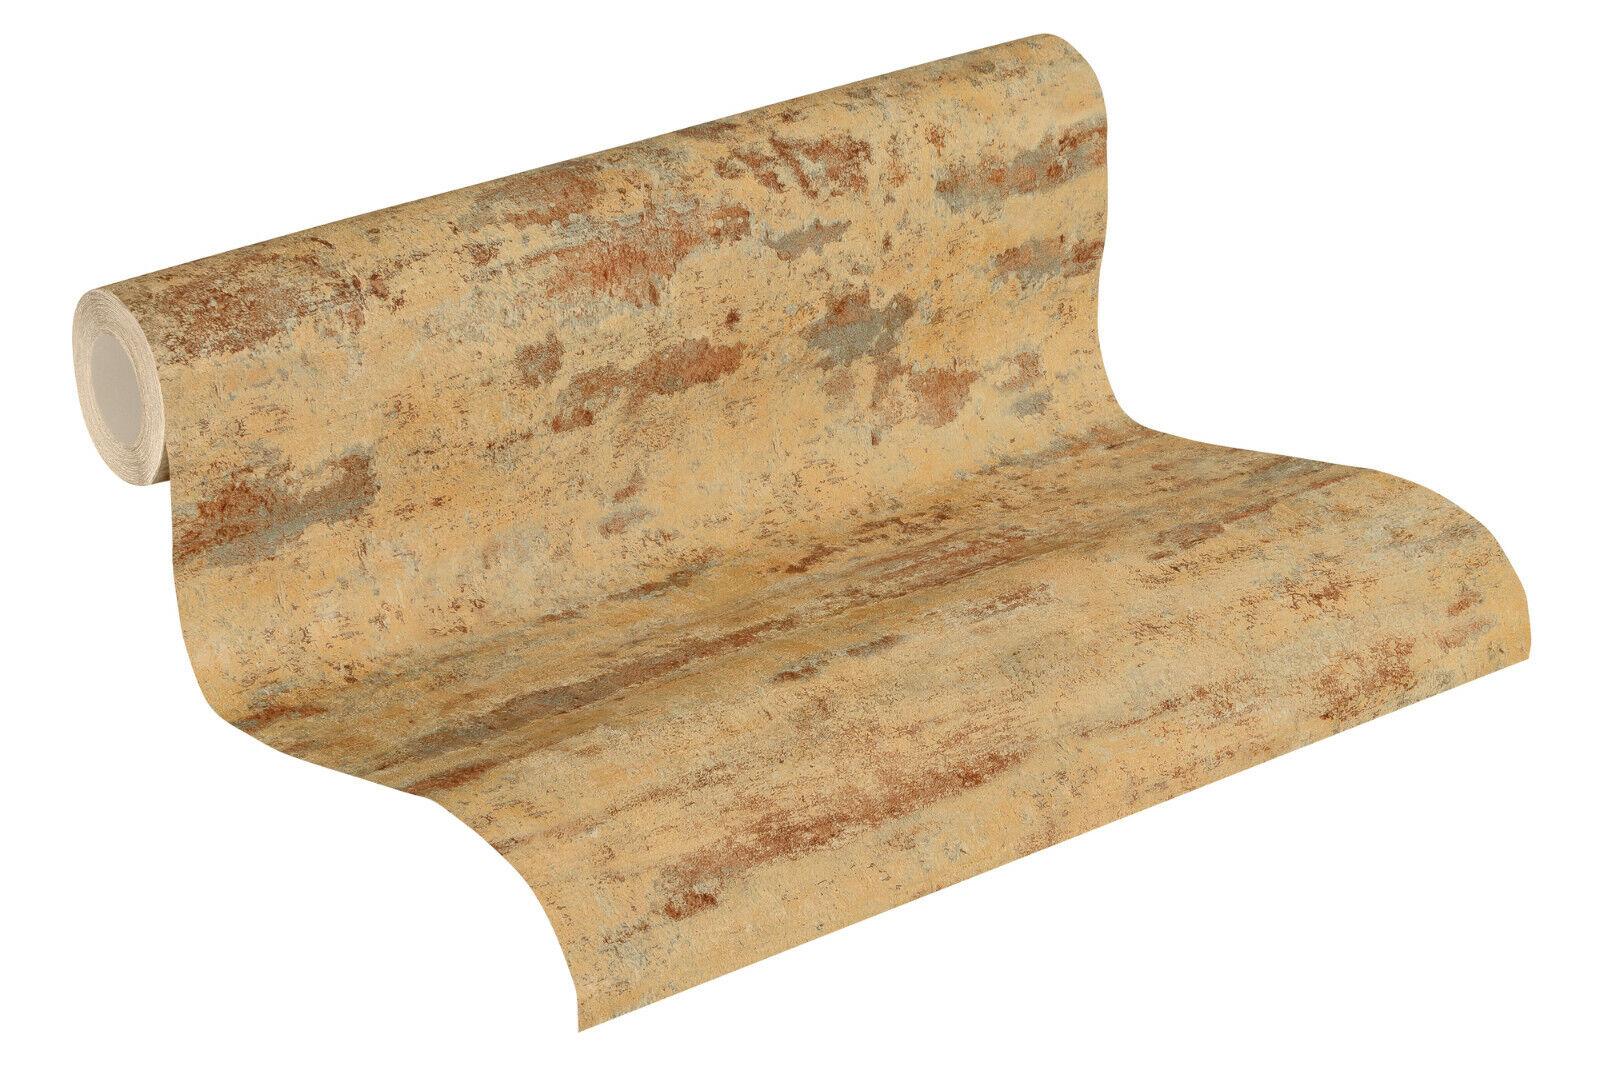 Vliestapete Used Beton Optik beige braun verwittert Industrial Loft 37415-1